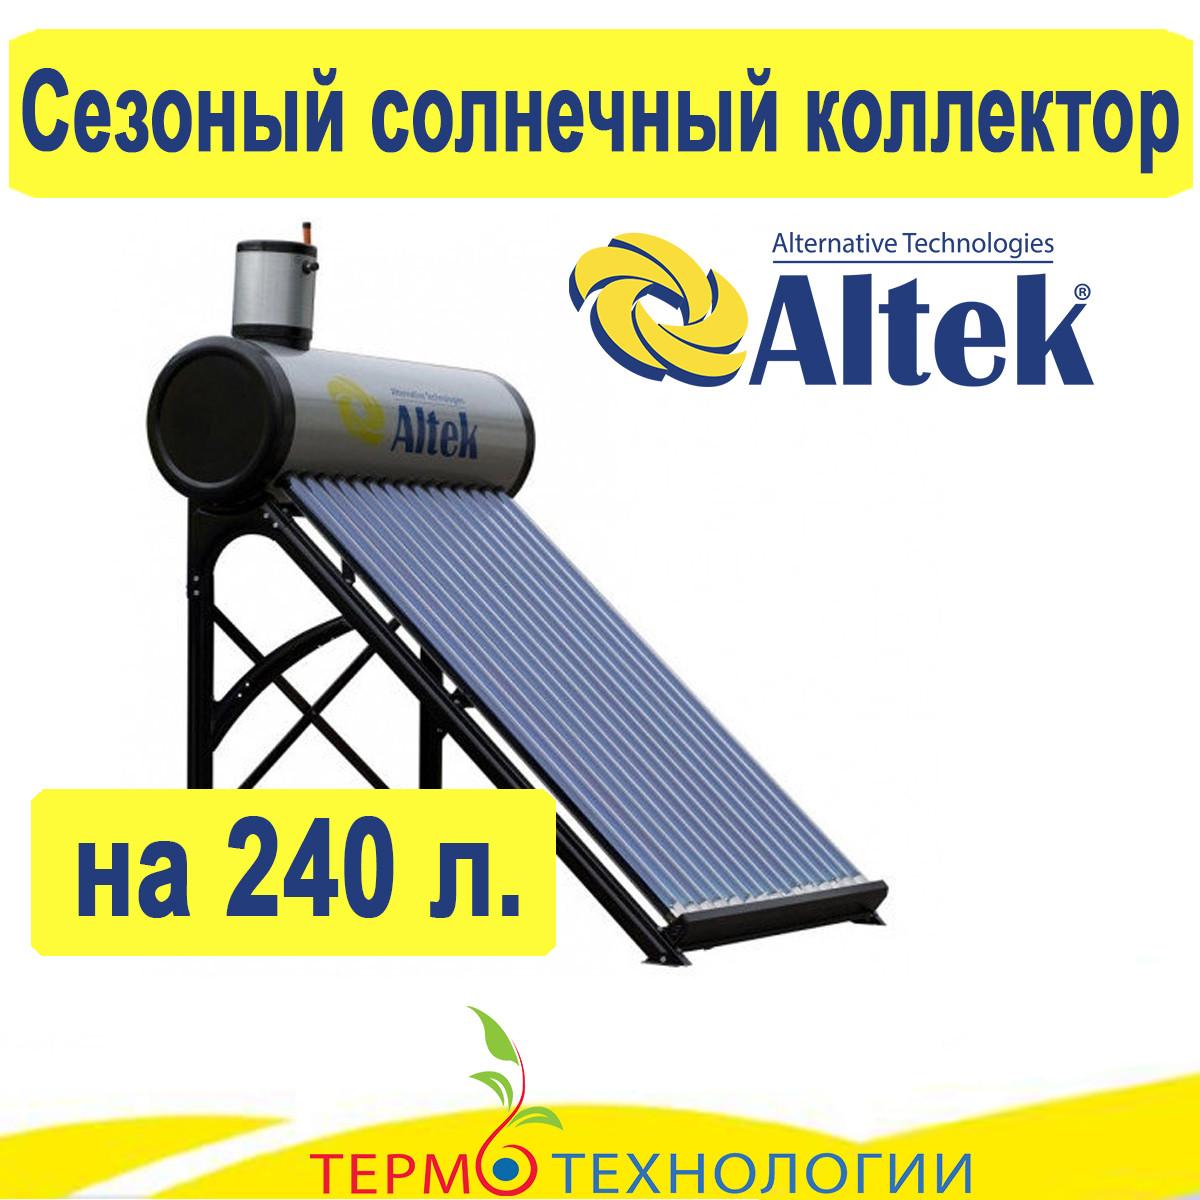 Сезонная гелиосистема Altek с напорным теплообменником, для 4-5 человек